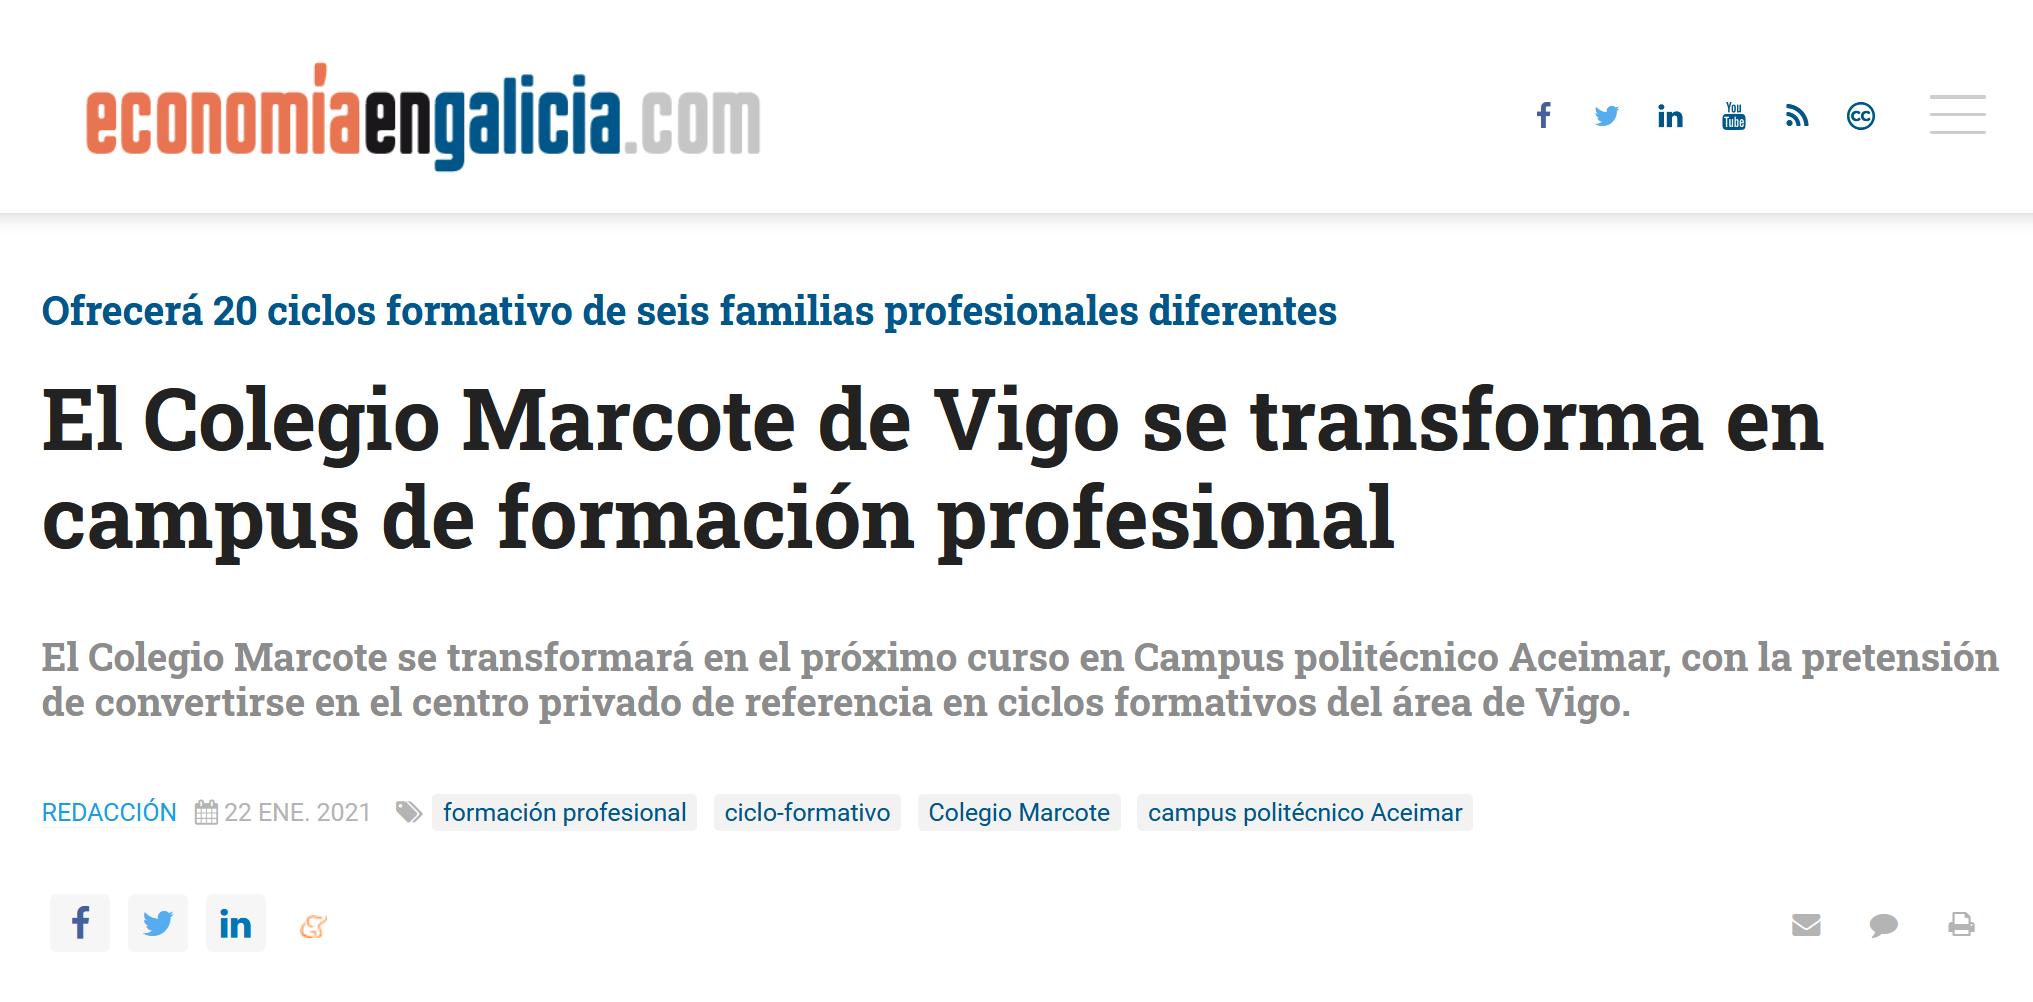 Economia en Galicia publica sobre el campus aceimar